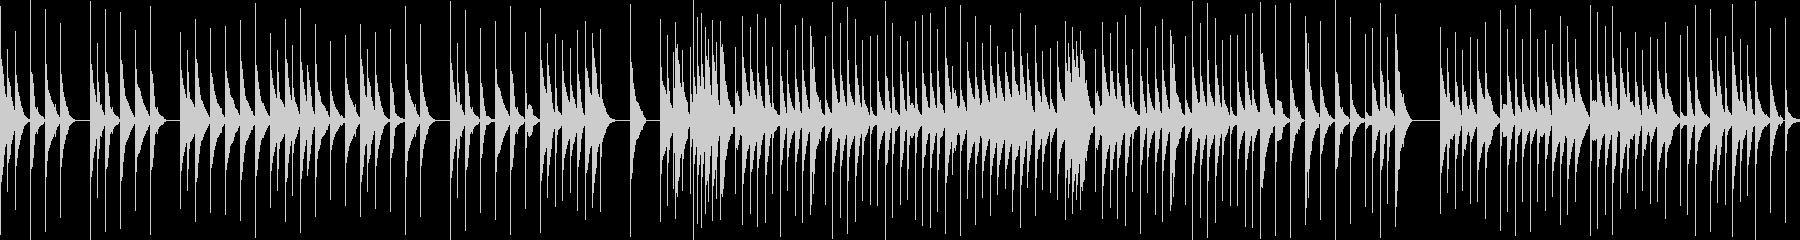 ジブリのようなオルゴール(ループ素材)の未再生の波形